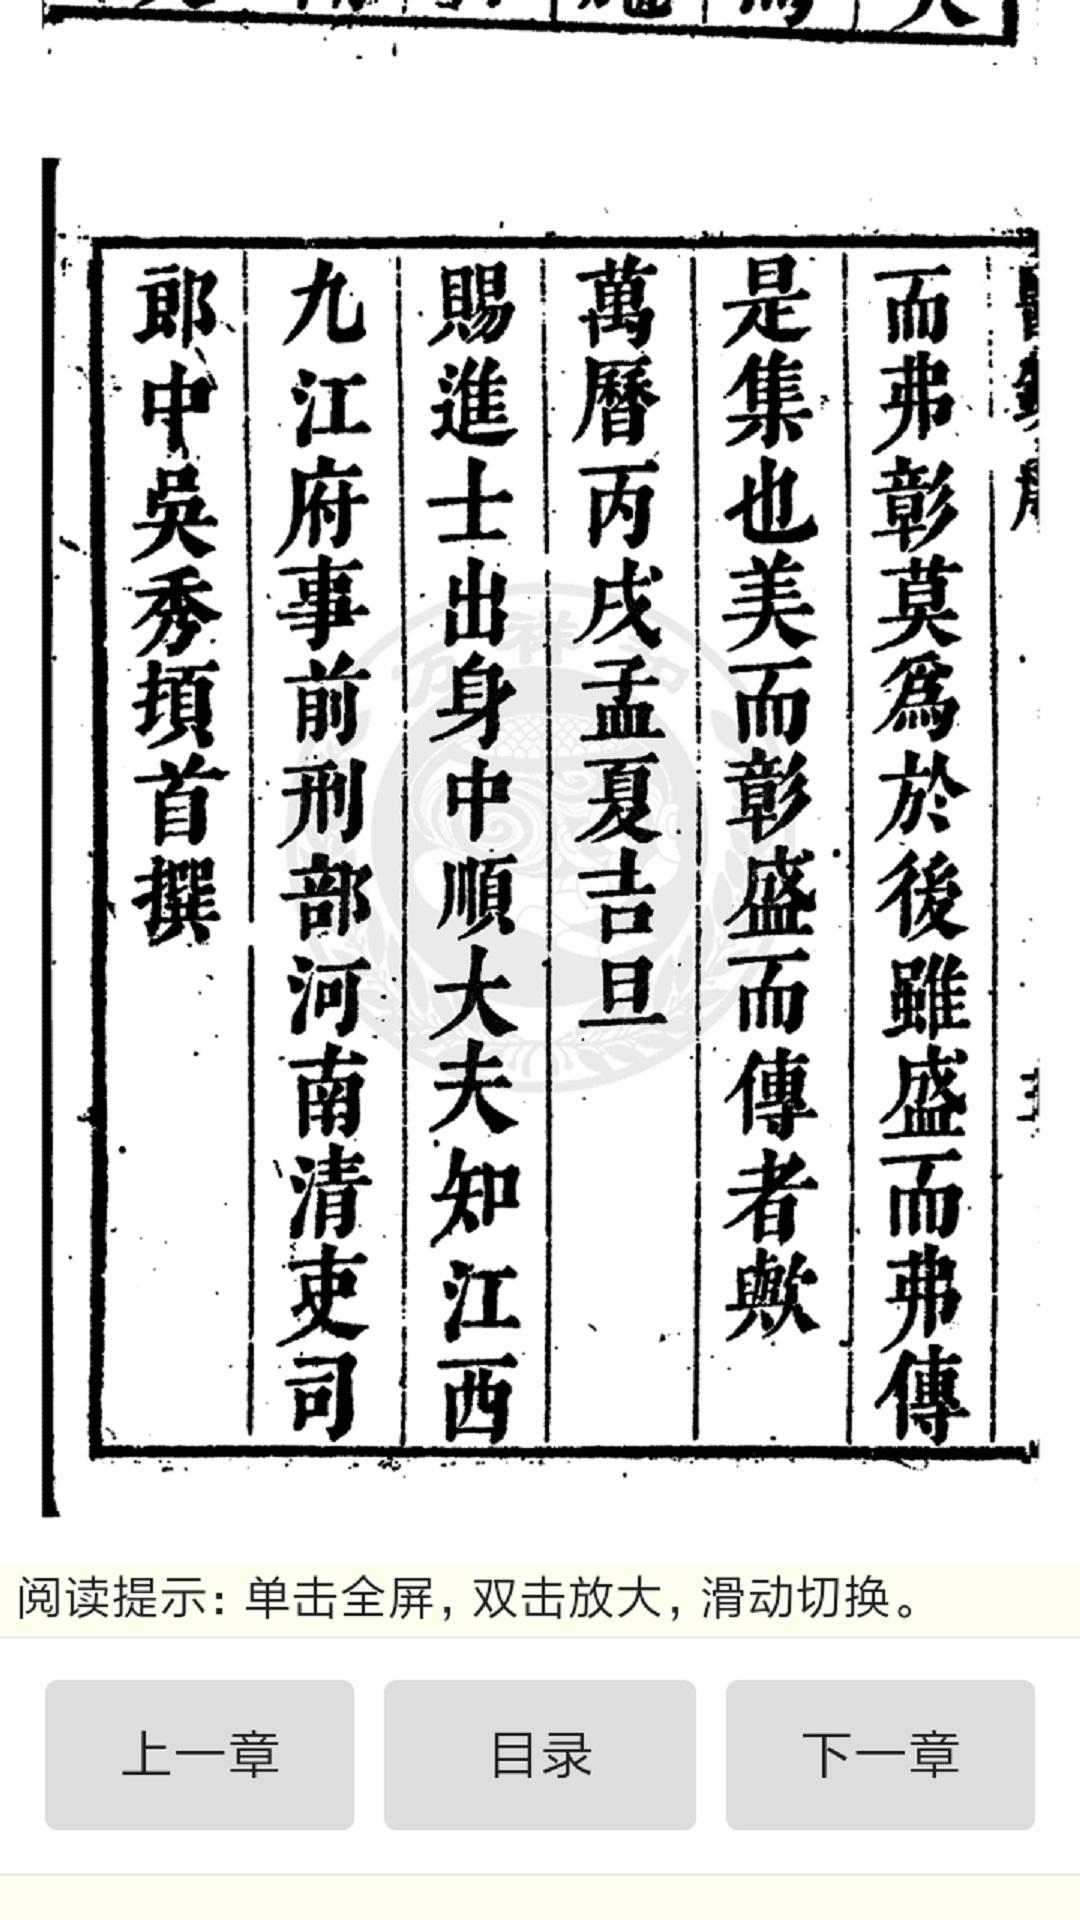 中医古籍书库